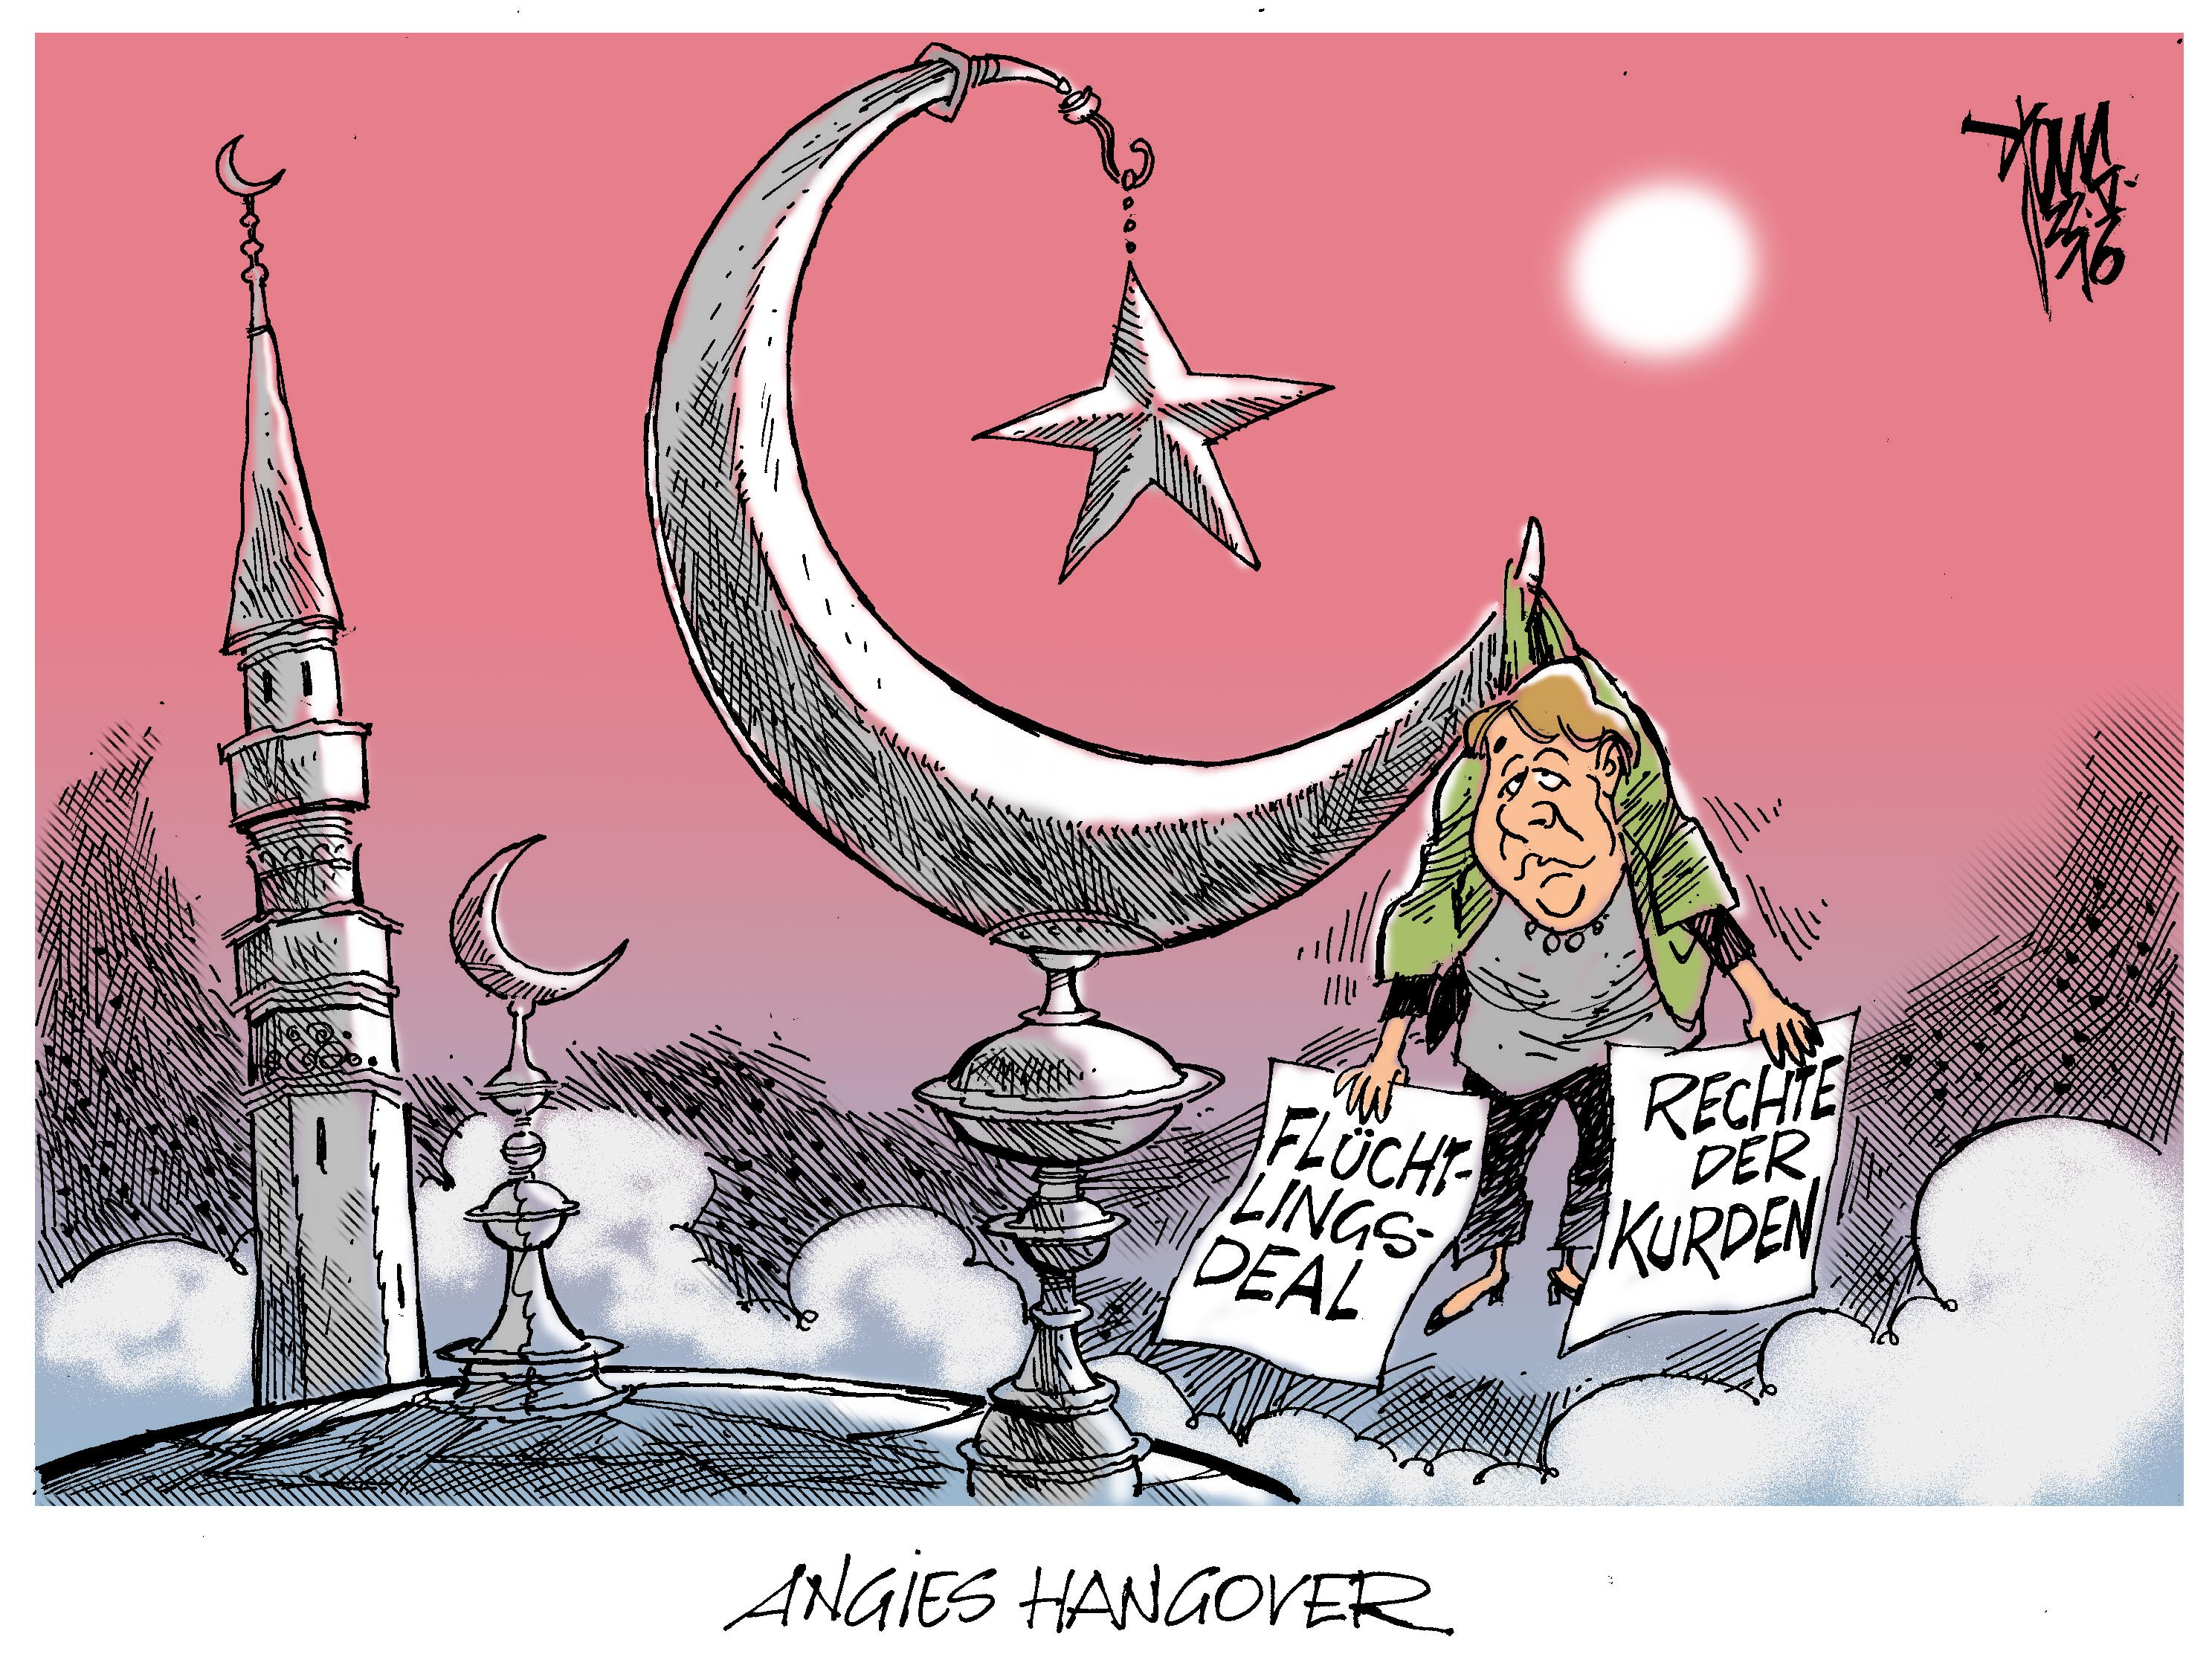 karikaturen erdogan